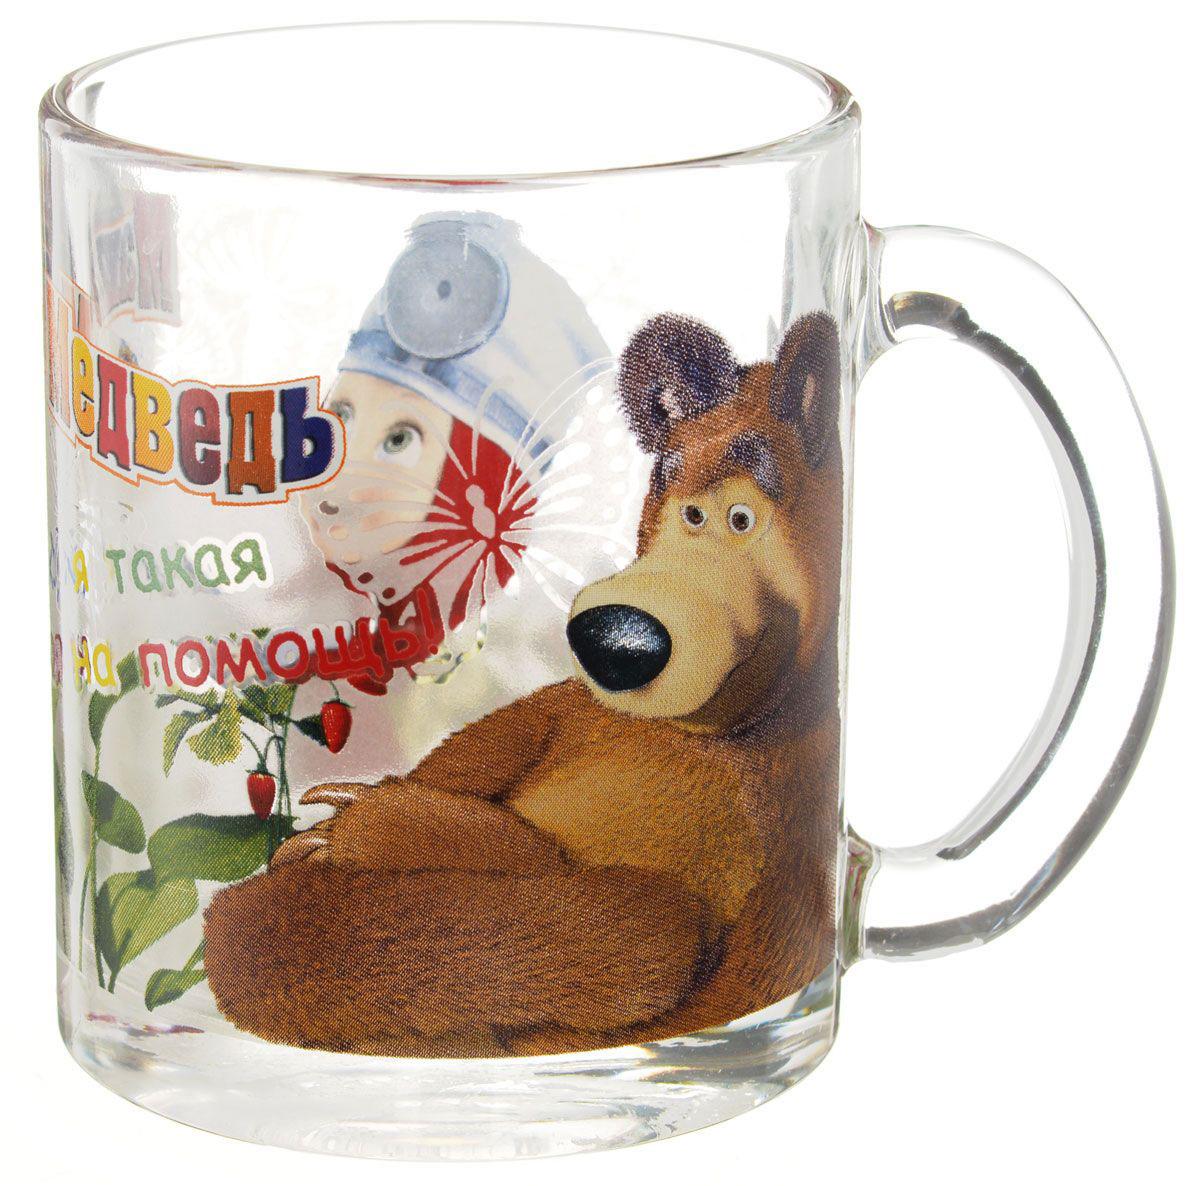 Маша и медведь Кружка детская Маша-доктор 300 мл120810Детская кружка Маша и Медведь Маша-доктор с любимыми героями станет отличным подарком для вашего ребенка. Она выполнена из стекла и оформлена изображением героев мультсериала Маша и Медведь.Кружка дополнена удобной ручкой.Такой подарок станет не только приятным, но и практичным сувениром: кружка будет незаменимым атрибутом чаепития, а оригинальное оформление кружки добавит ярких эмоций и хорошего настроения.Можно мыть в посудомоечной машине.